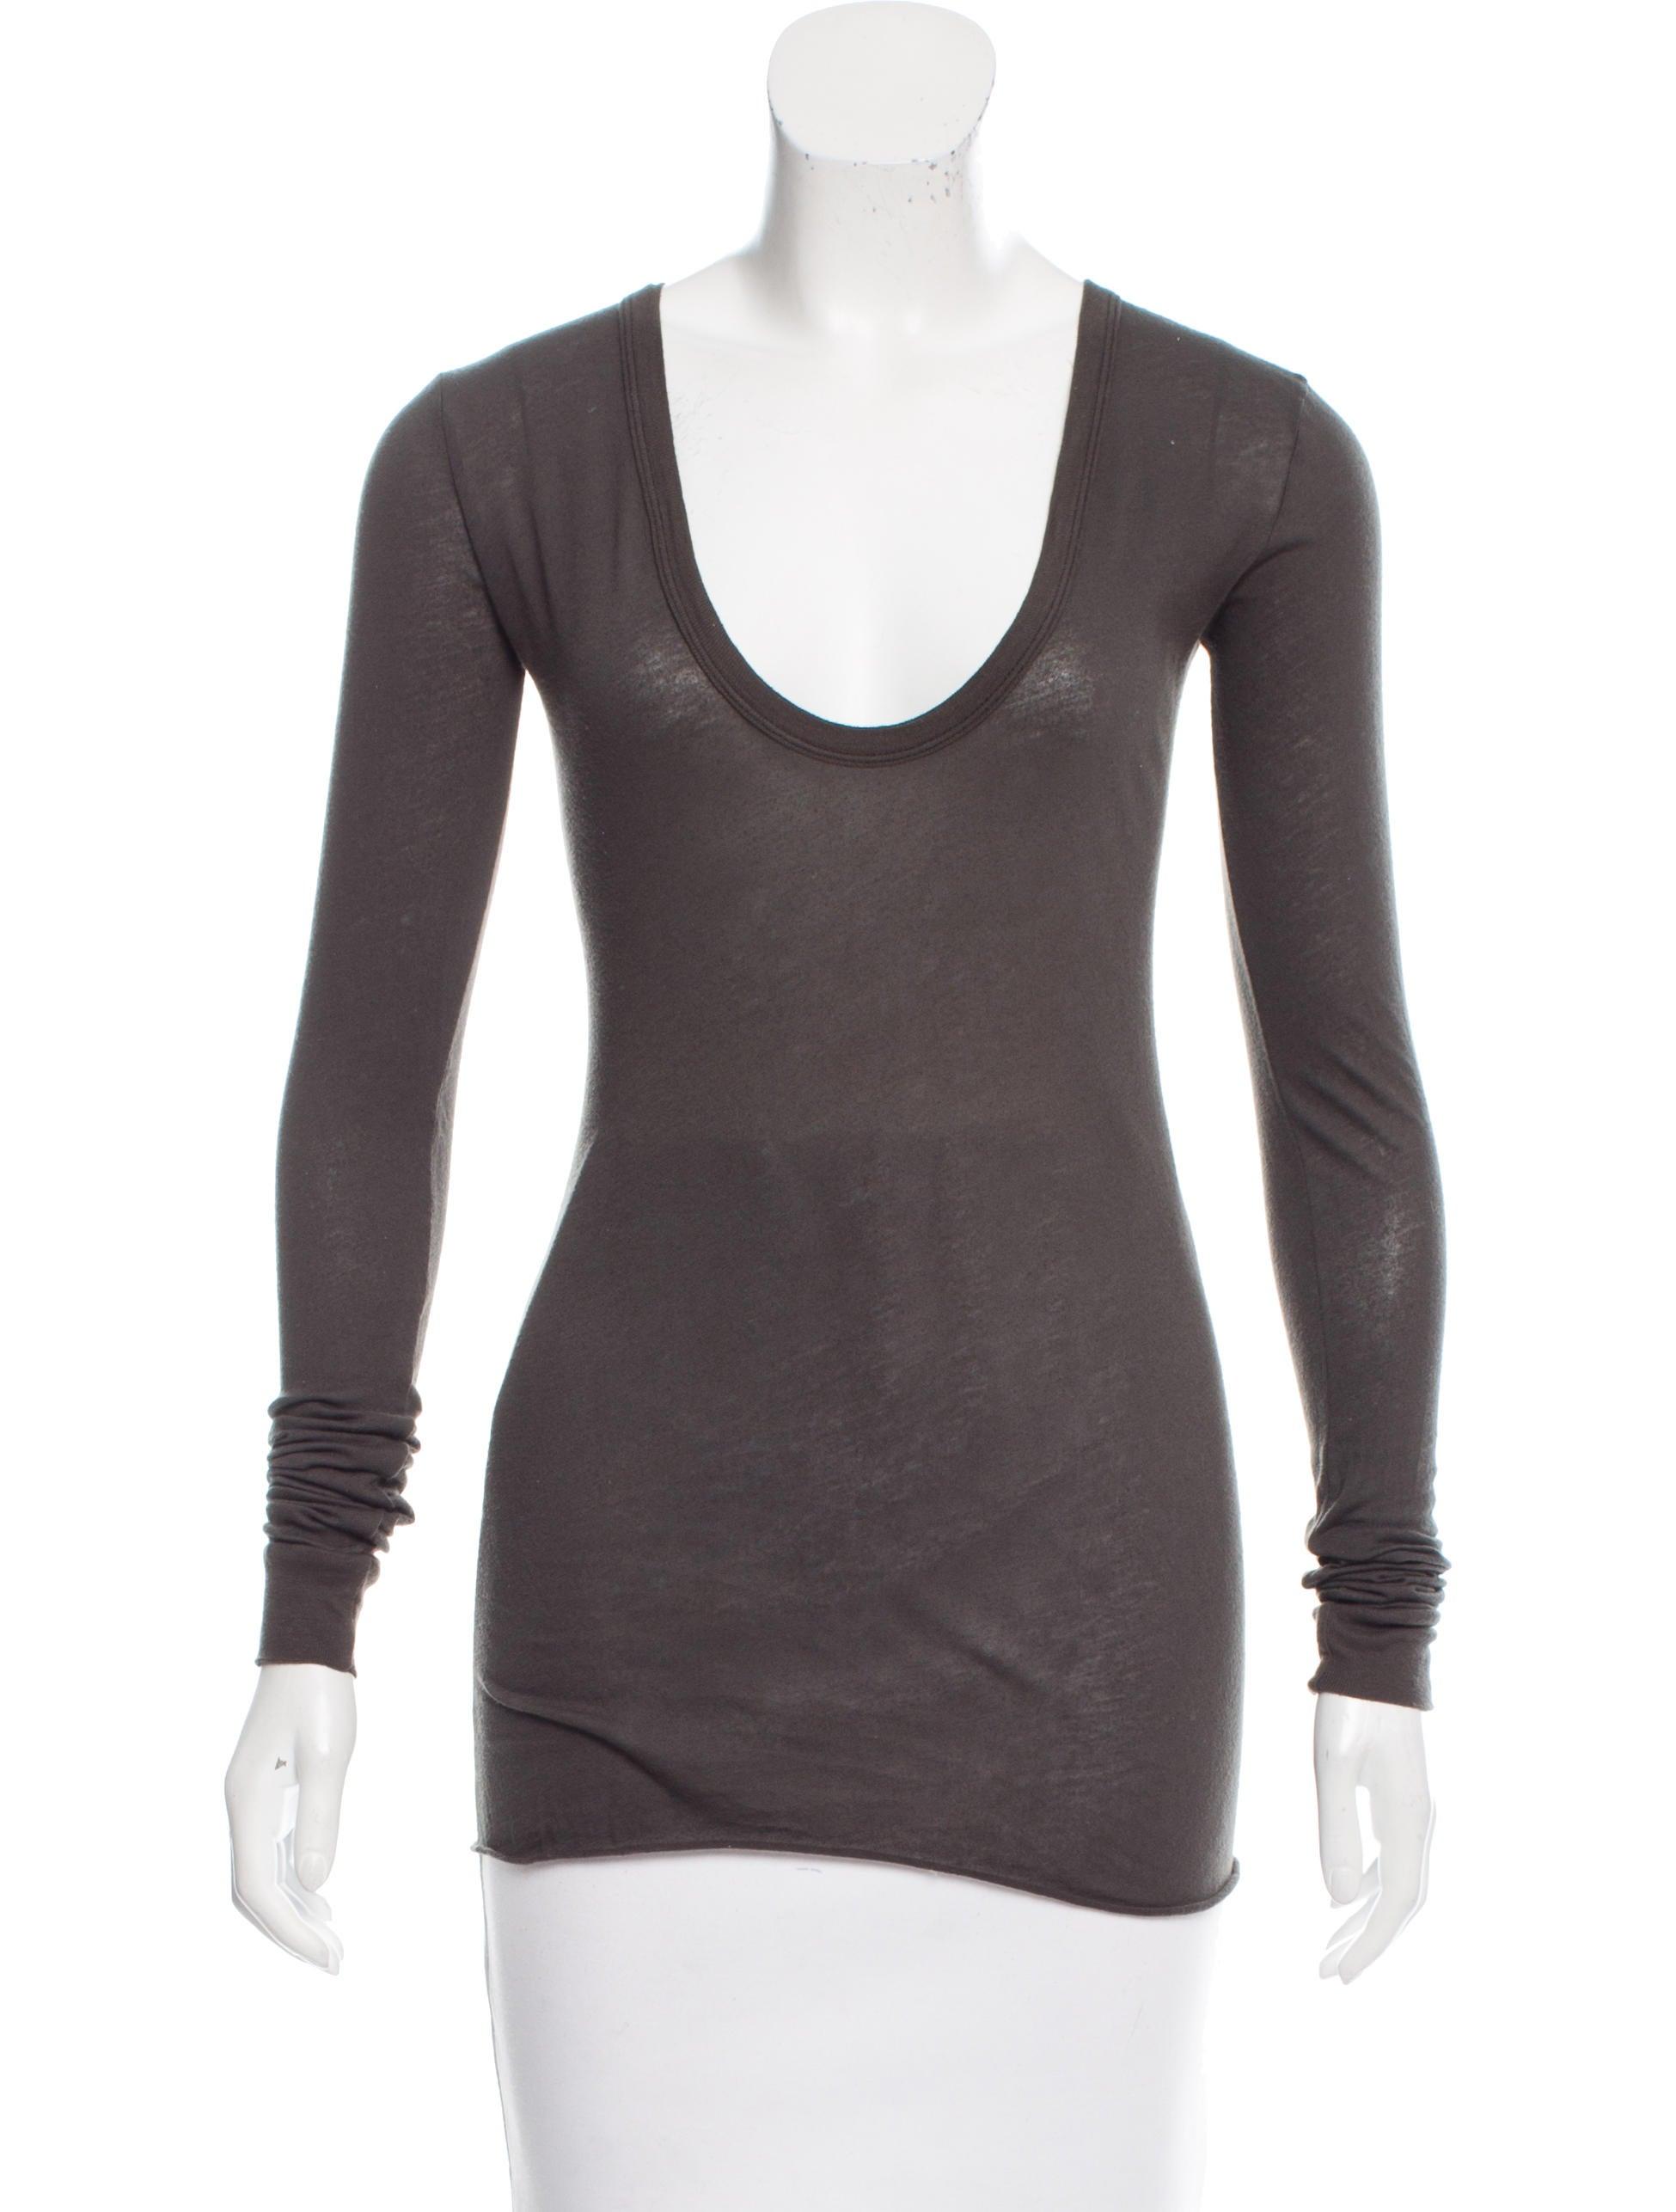 Enza costa long sleeve scoop neck t shirt clothing for Long sleeve scoop neck shirt